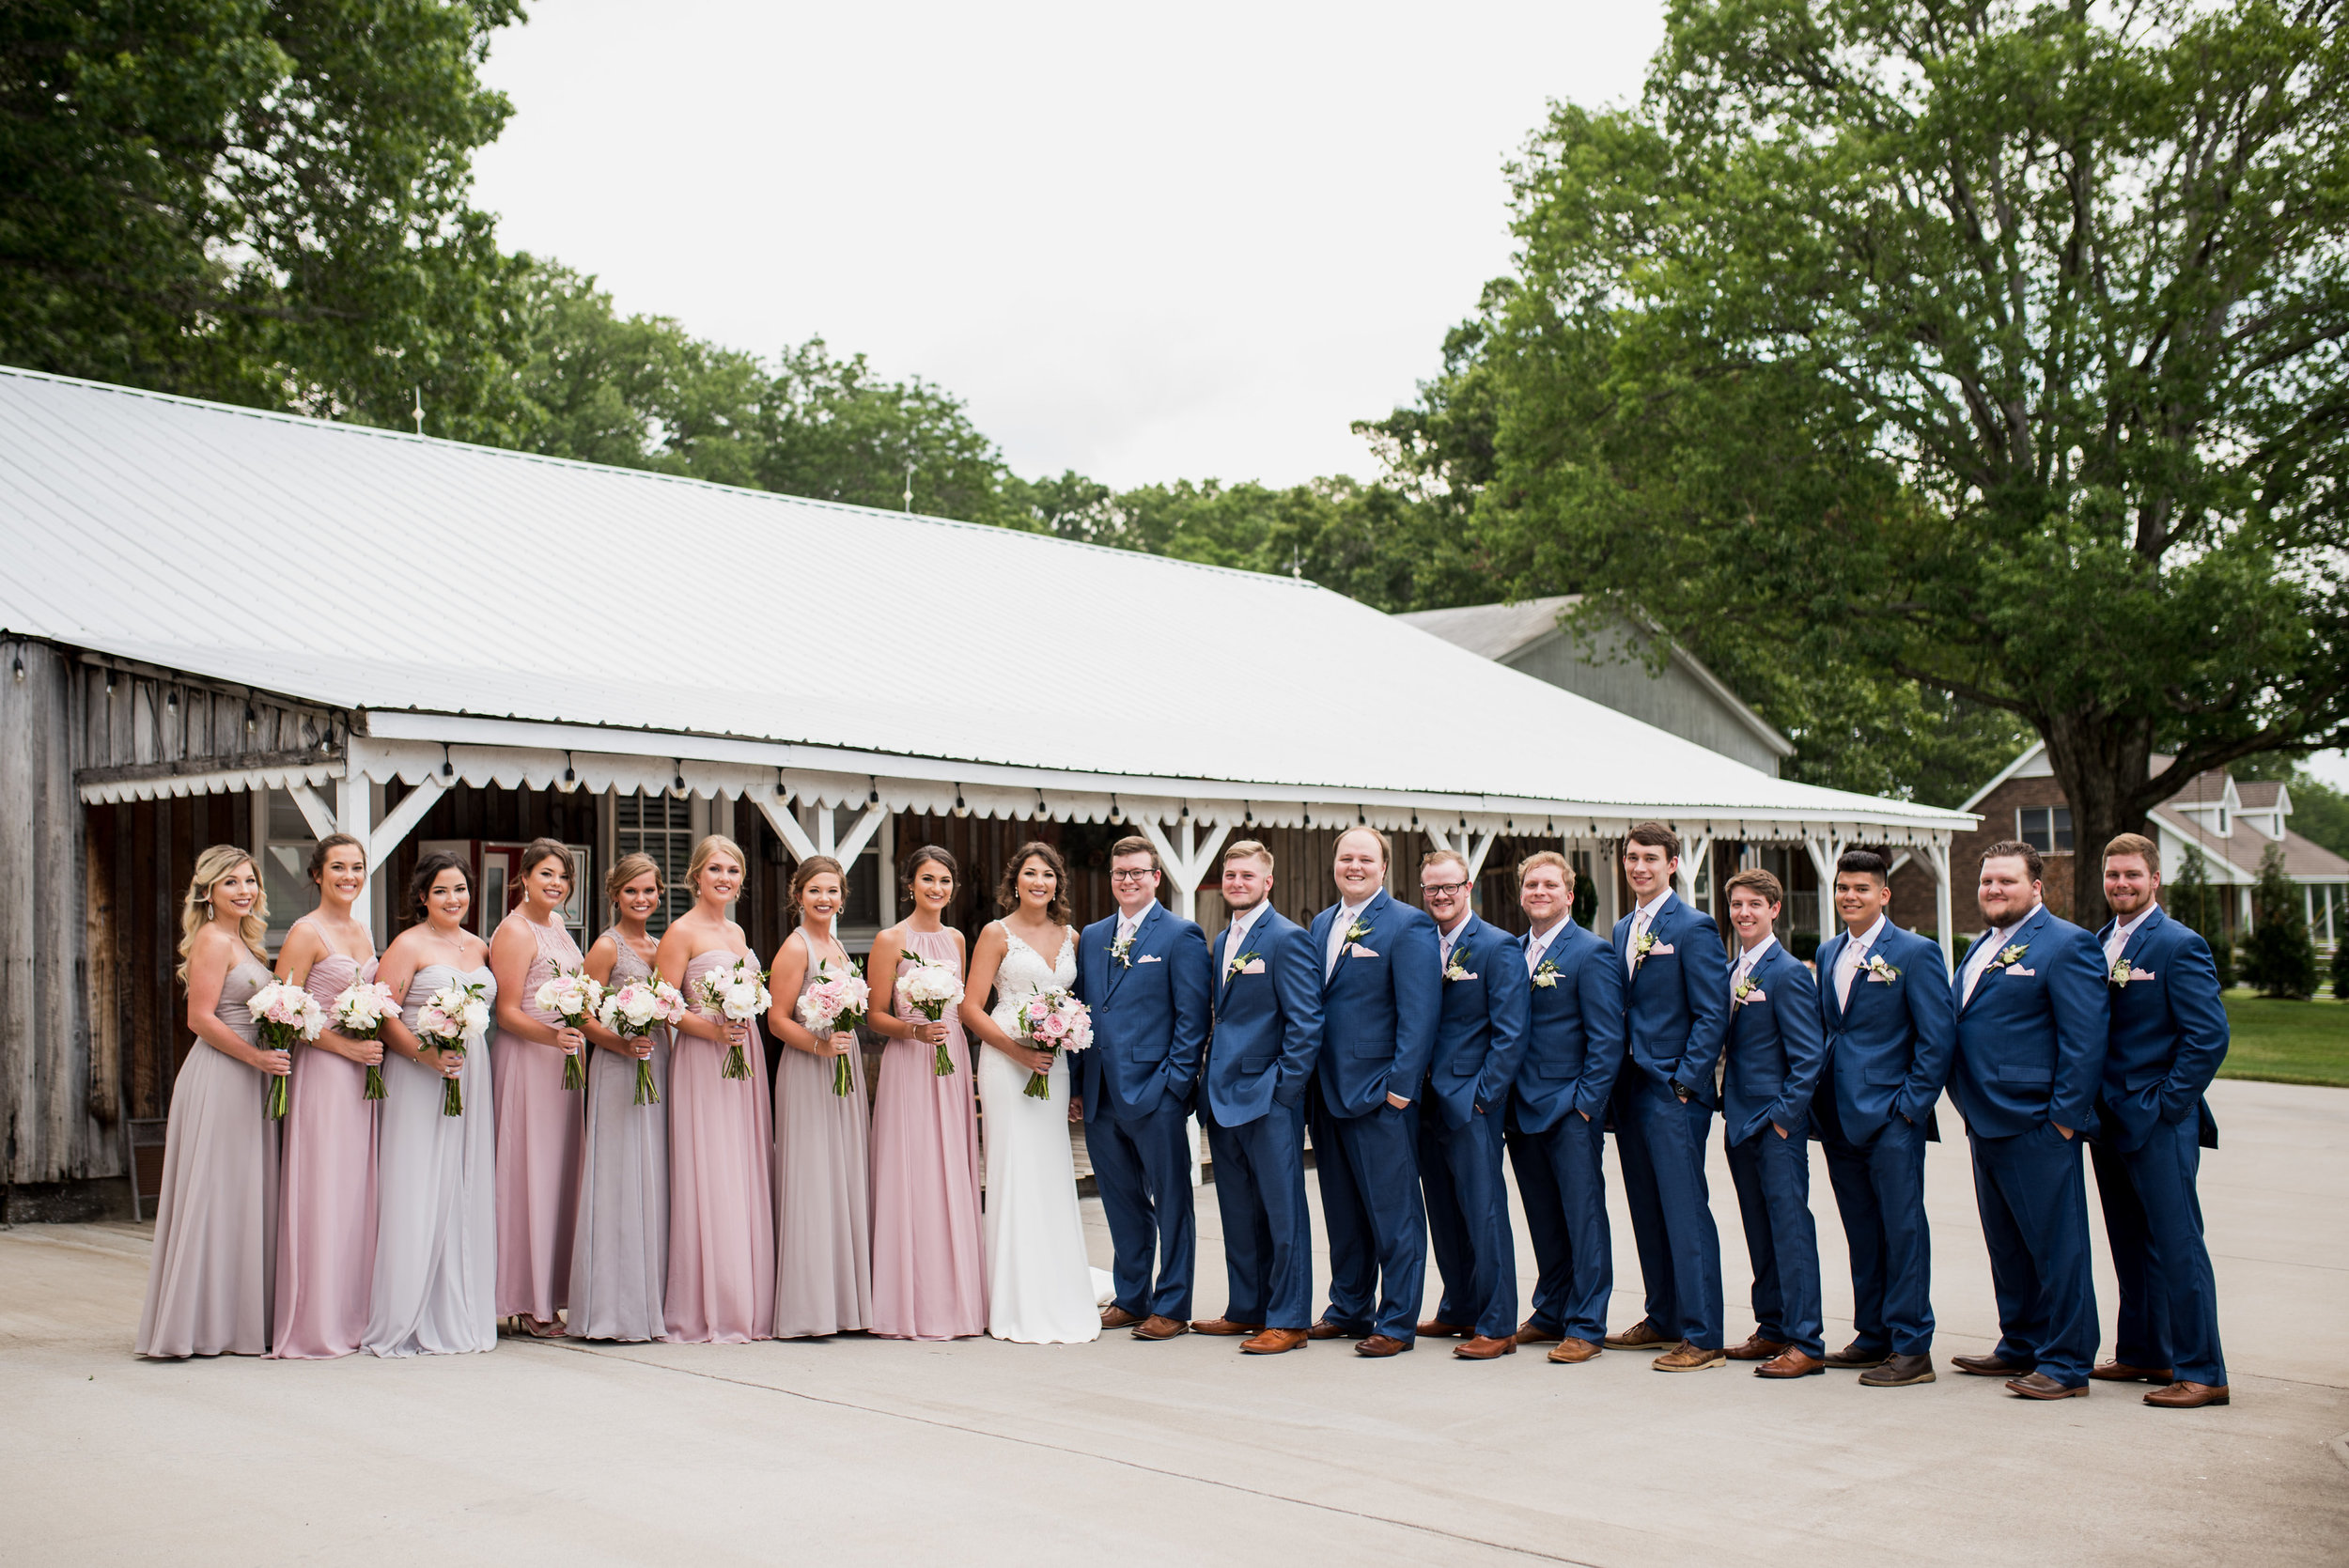 Saddlewood-Farms-Nashville-Wedding-Photographers-127.jpg